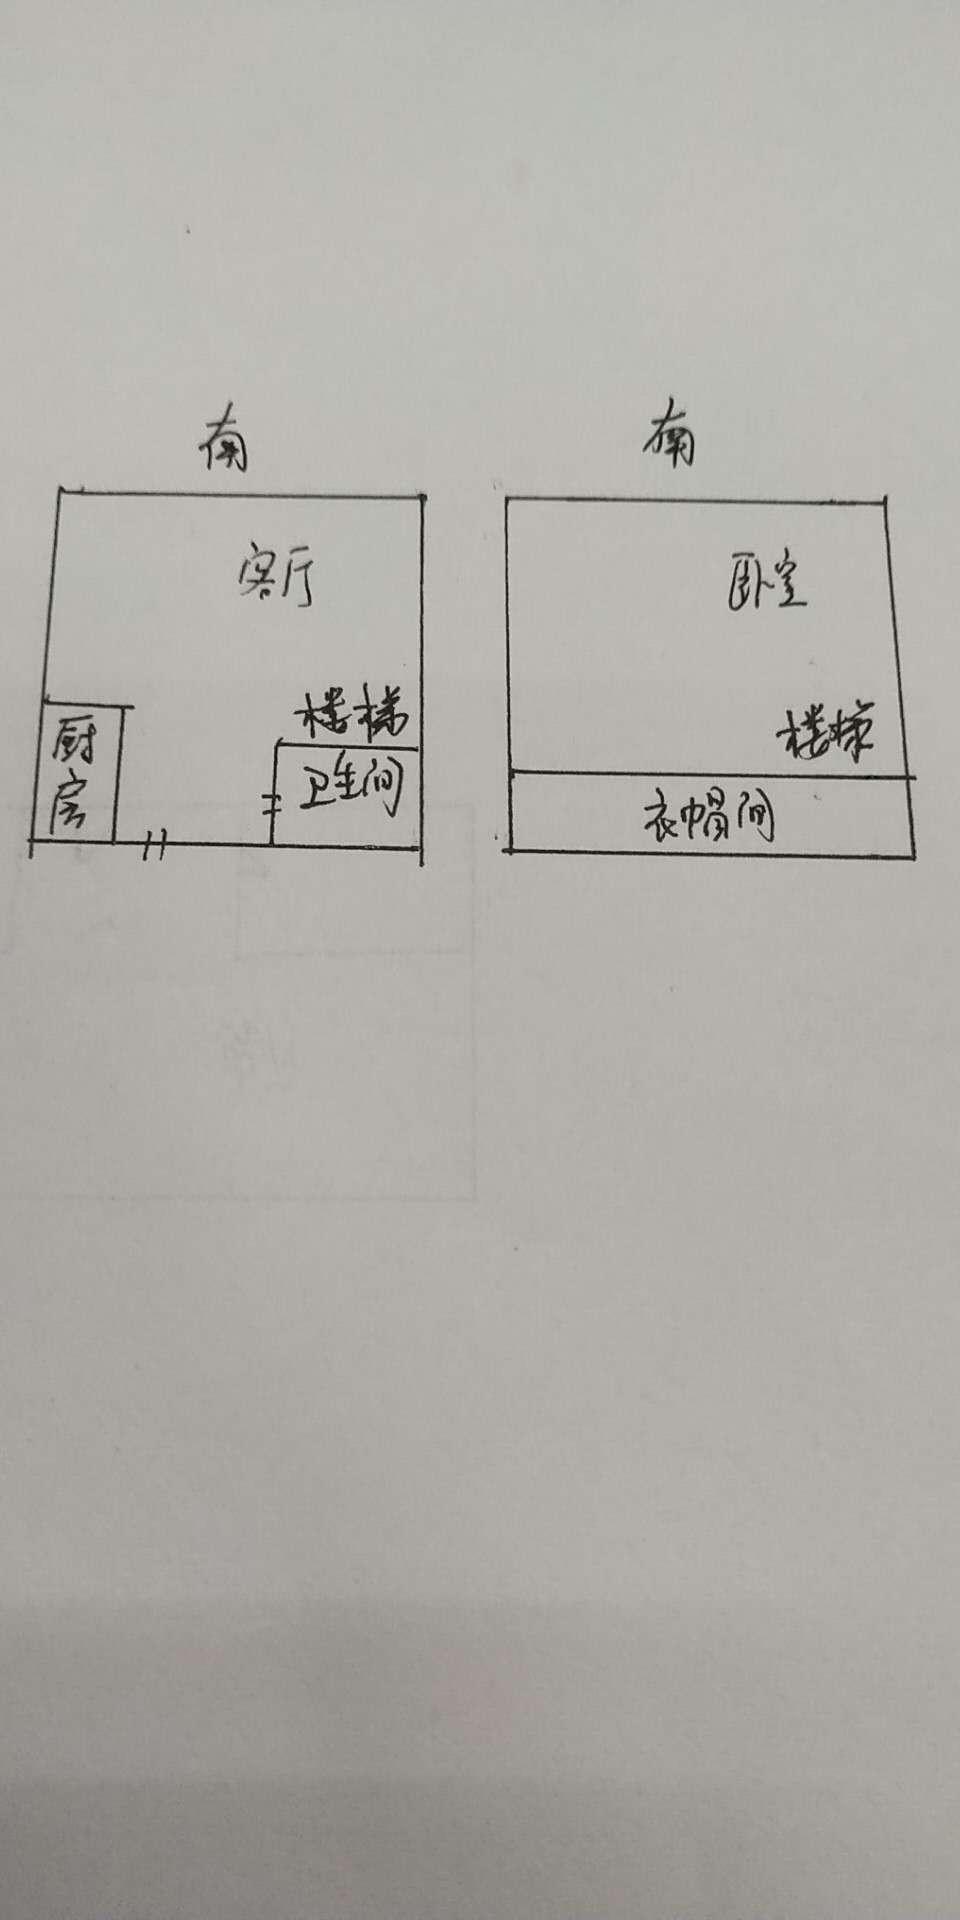 唐人D区(公寓)LOFT 2室2厅 5楼